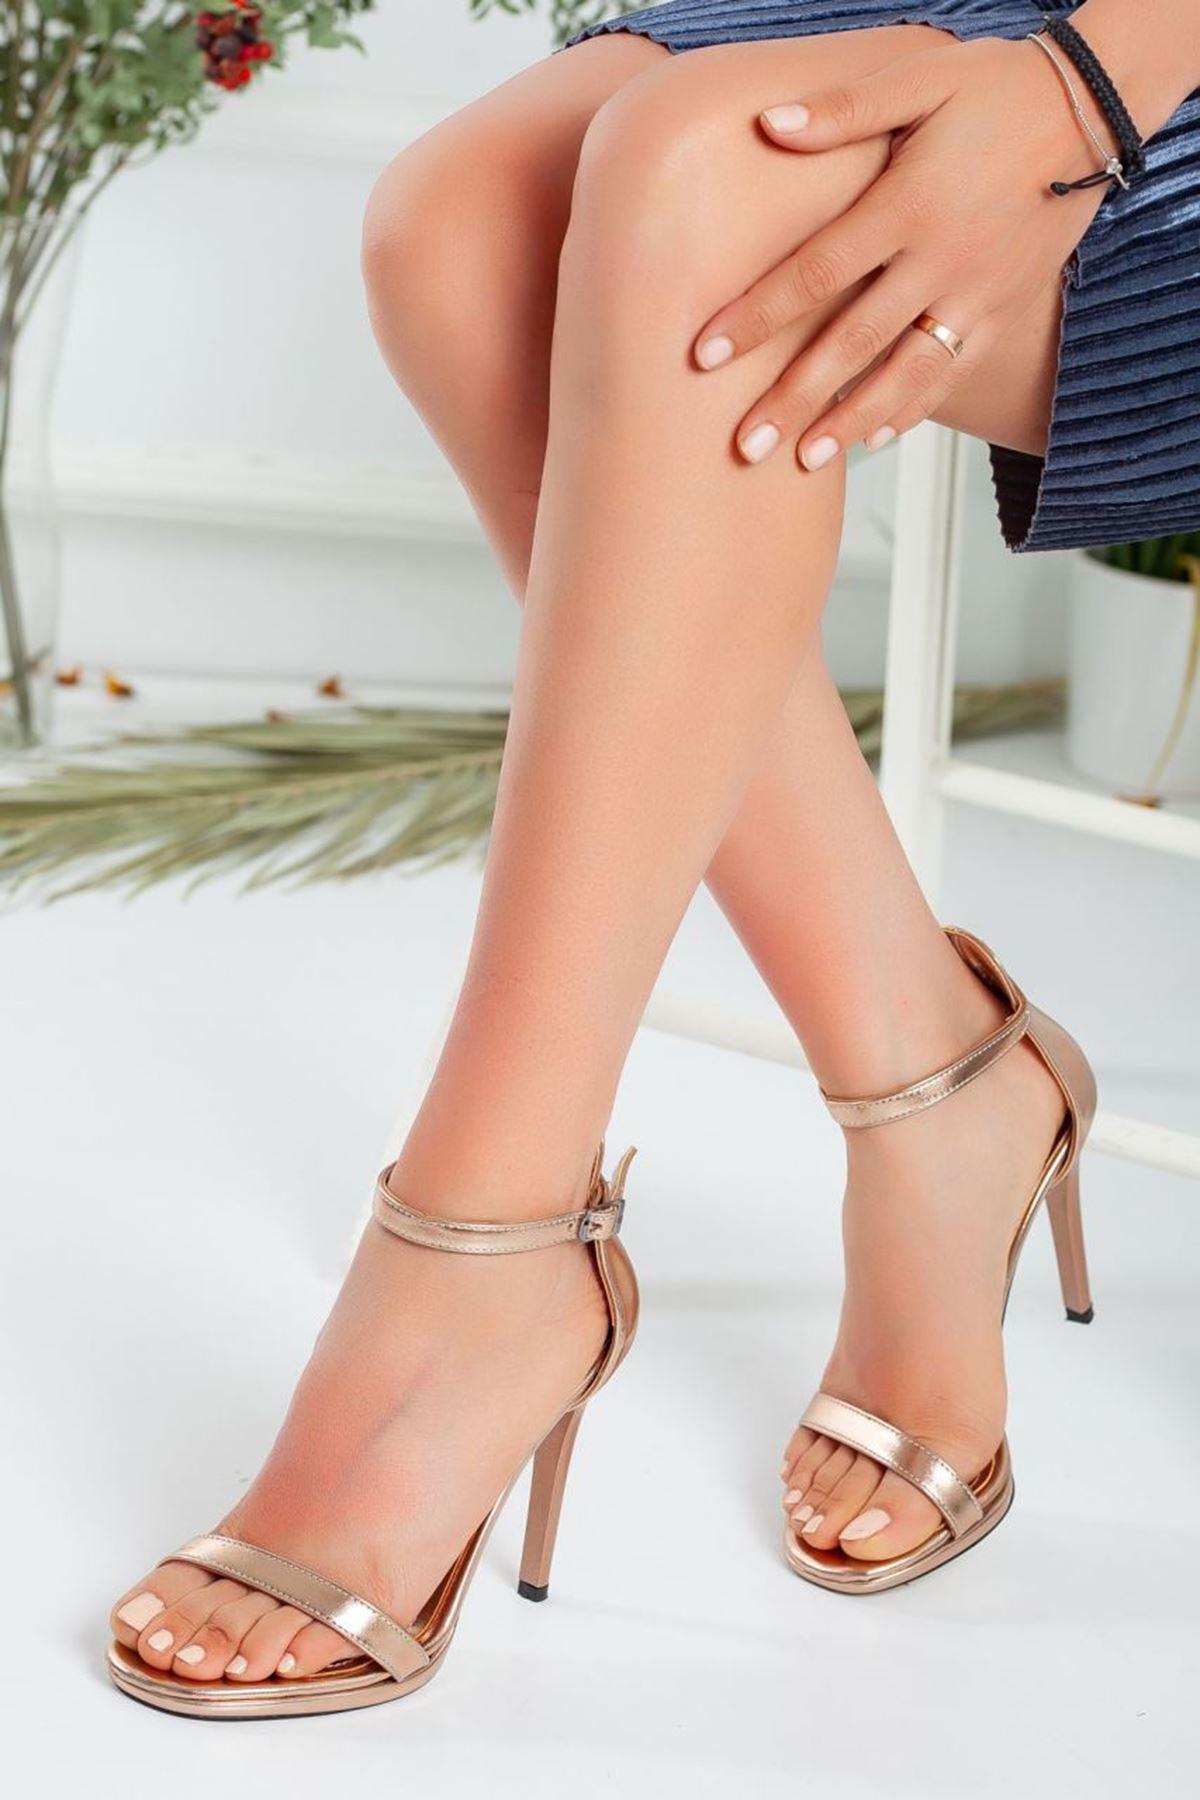 Kadın Natis Yüksek Topuklu Ayakkabı Parlak Bronz